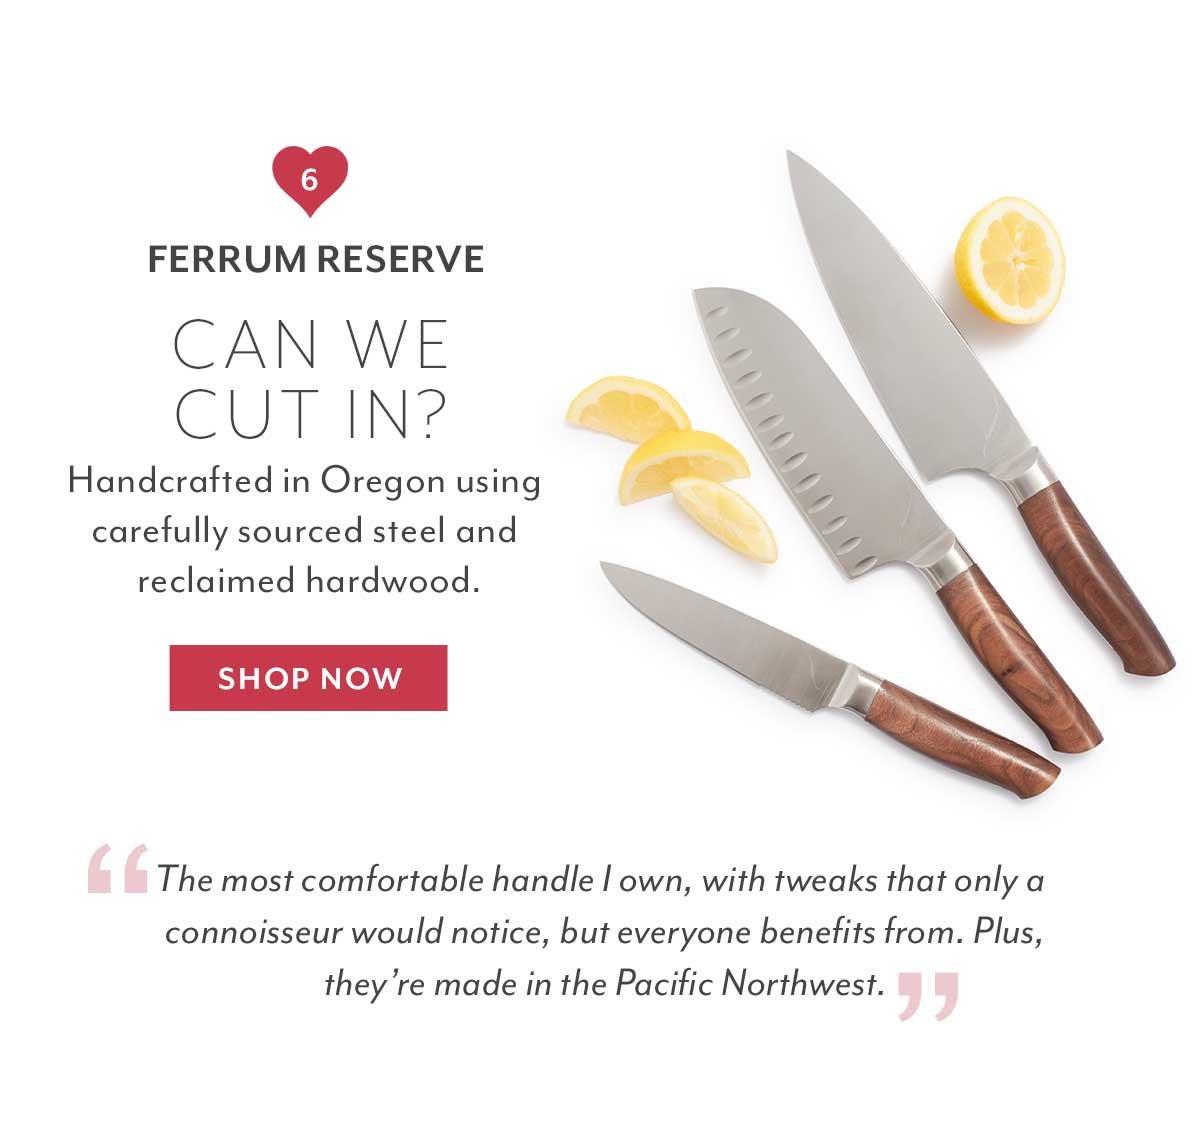 Ferrum Reserve